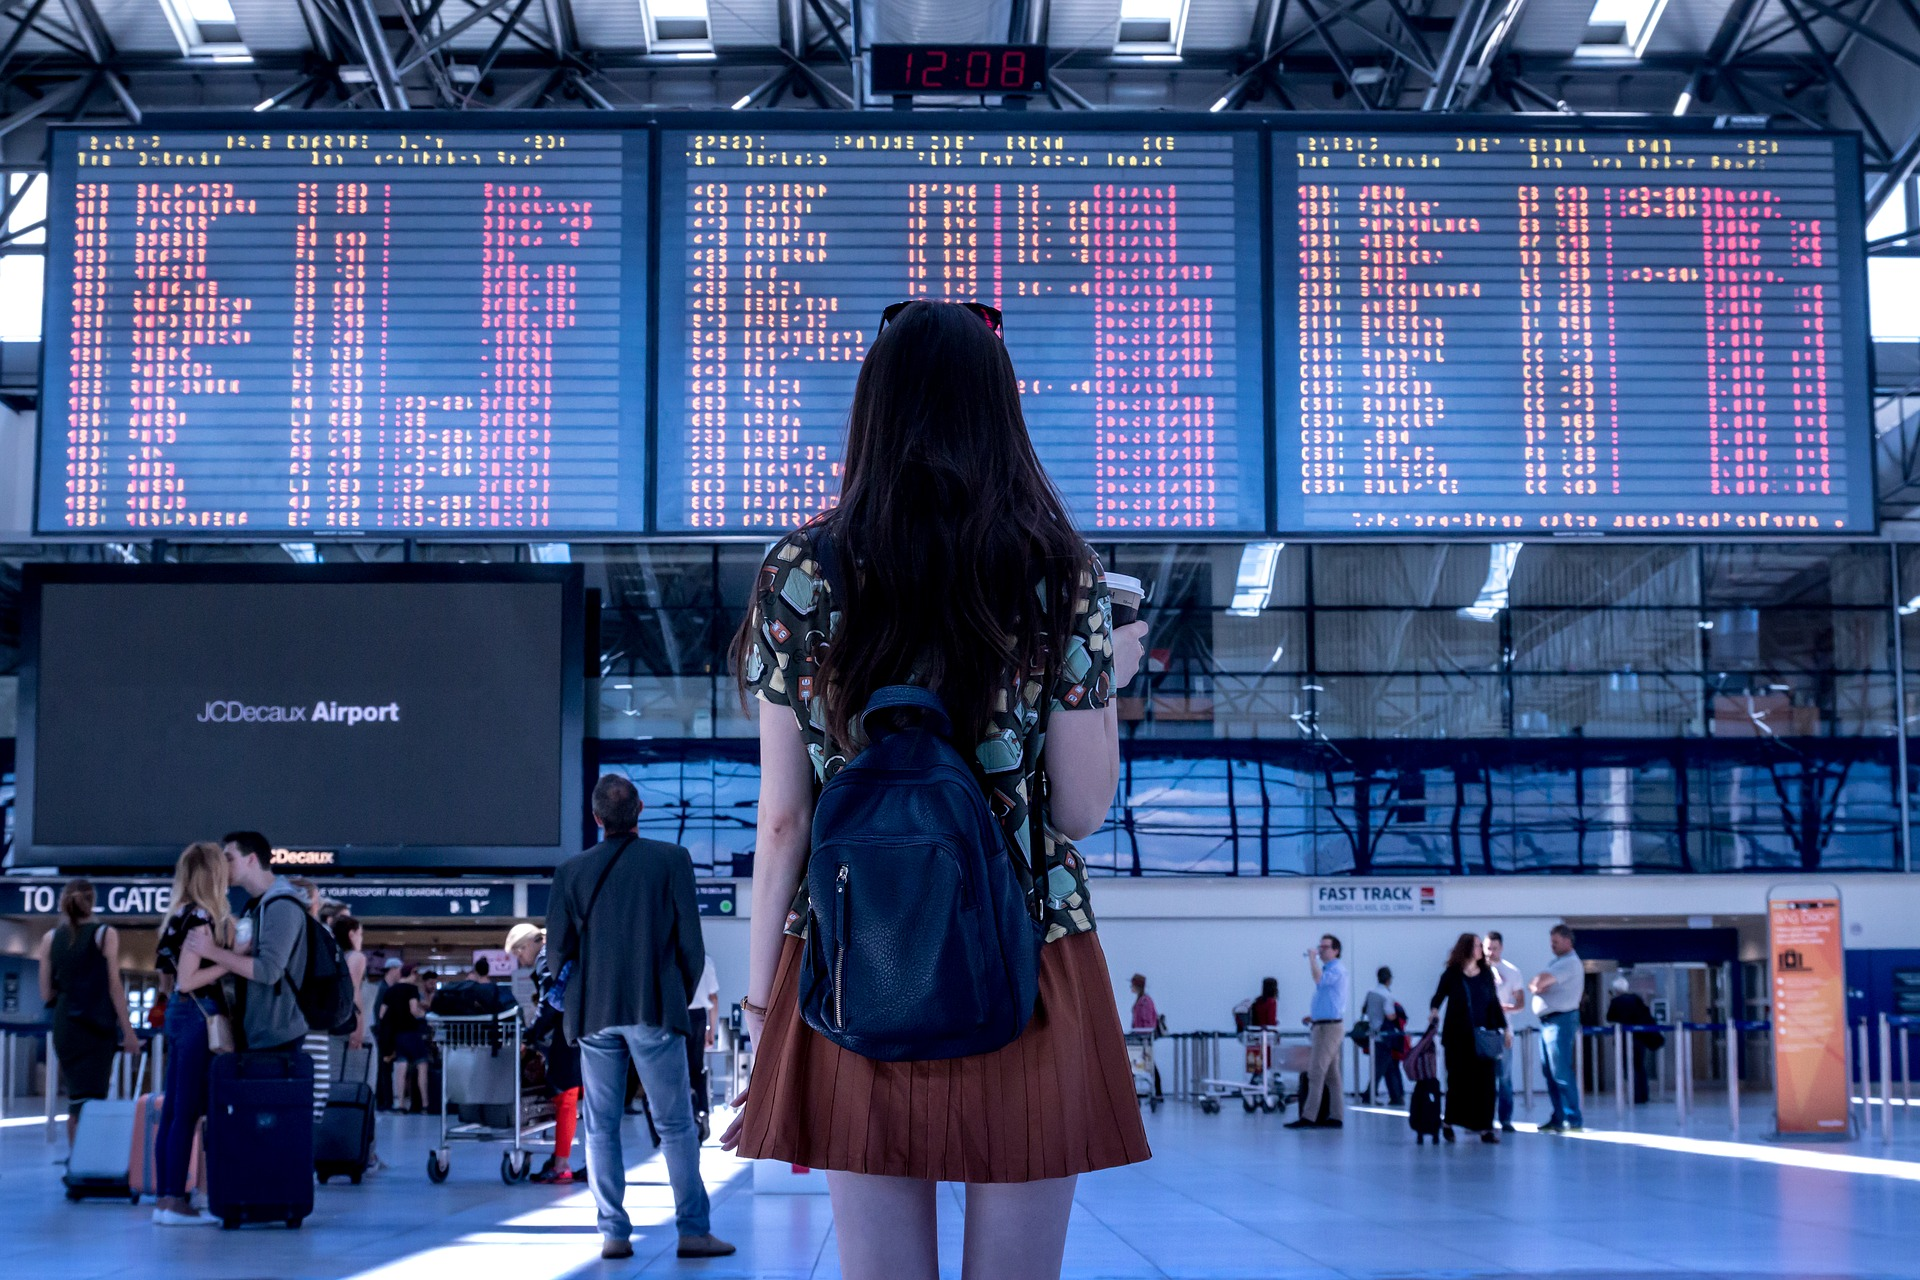 Non innamoratevi di una viaggiatrice